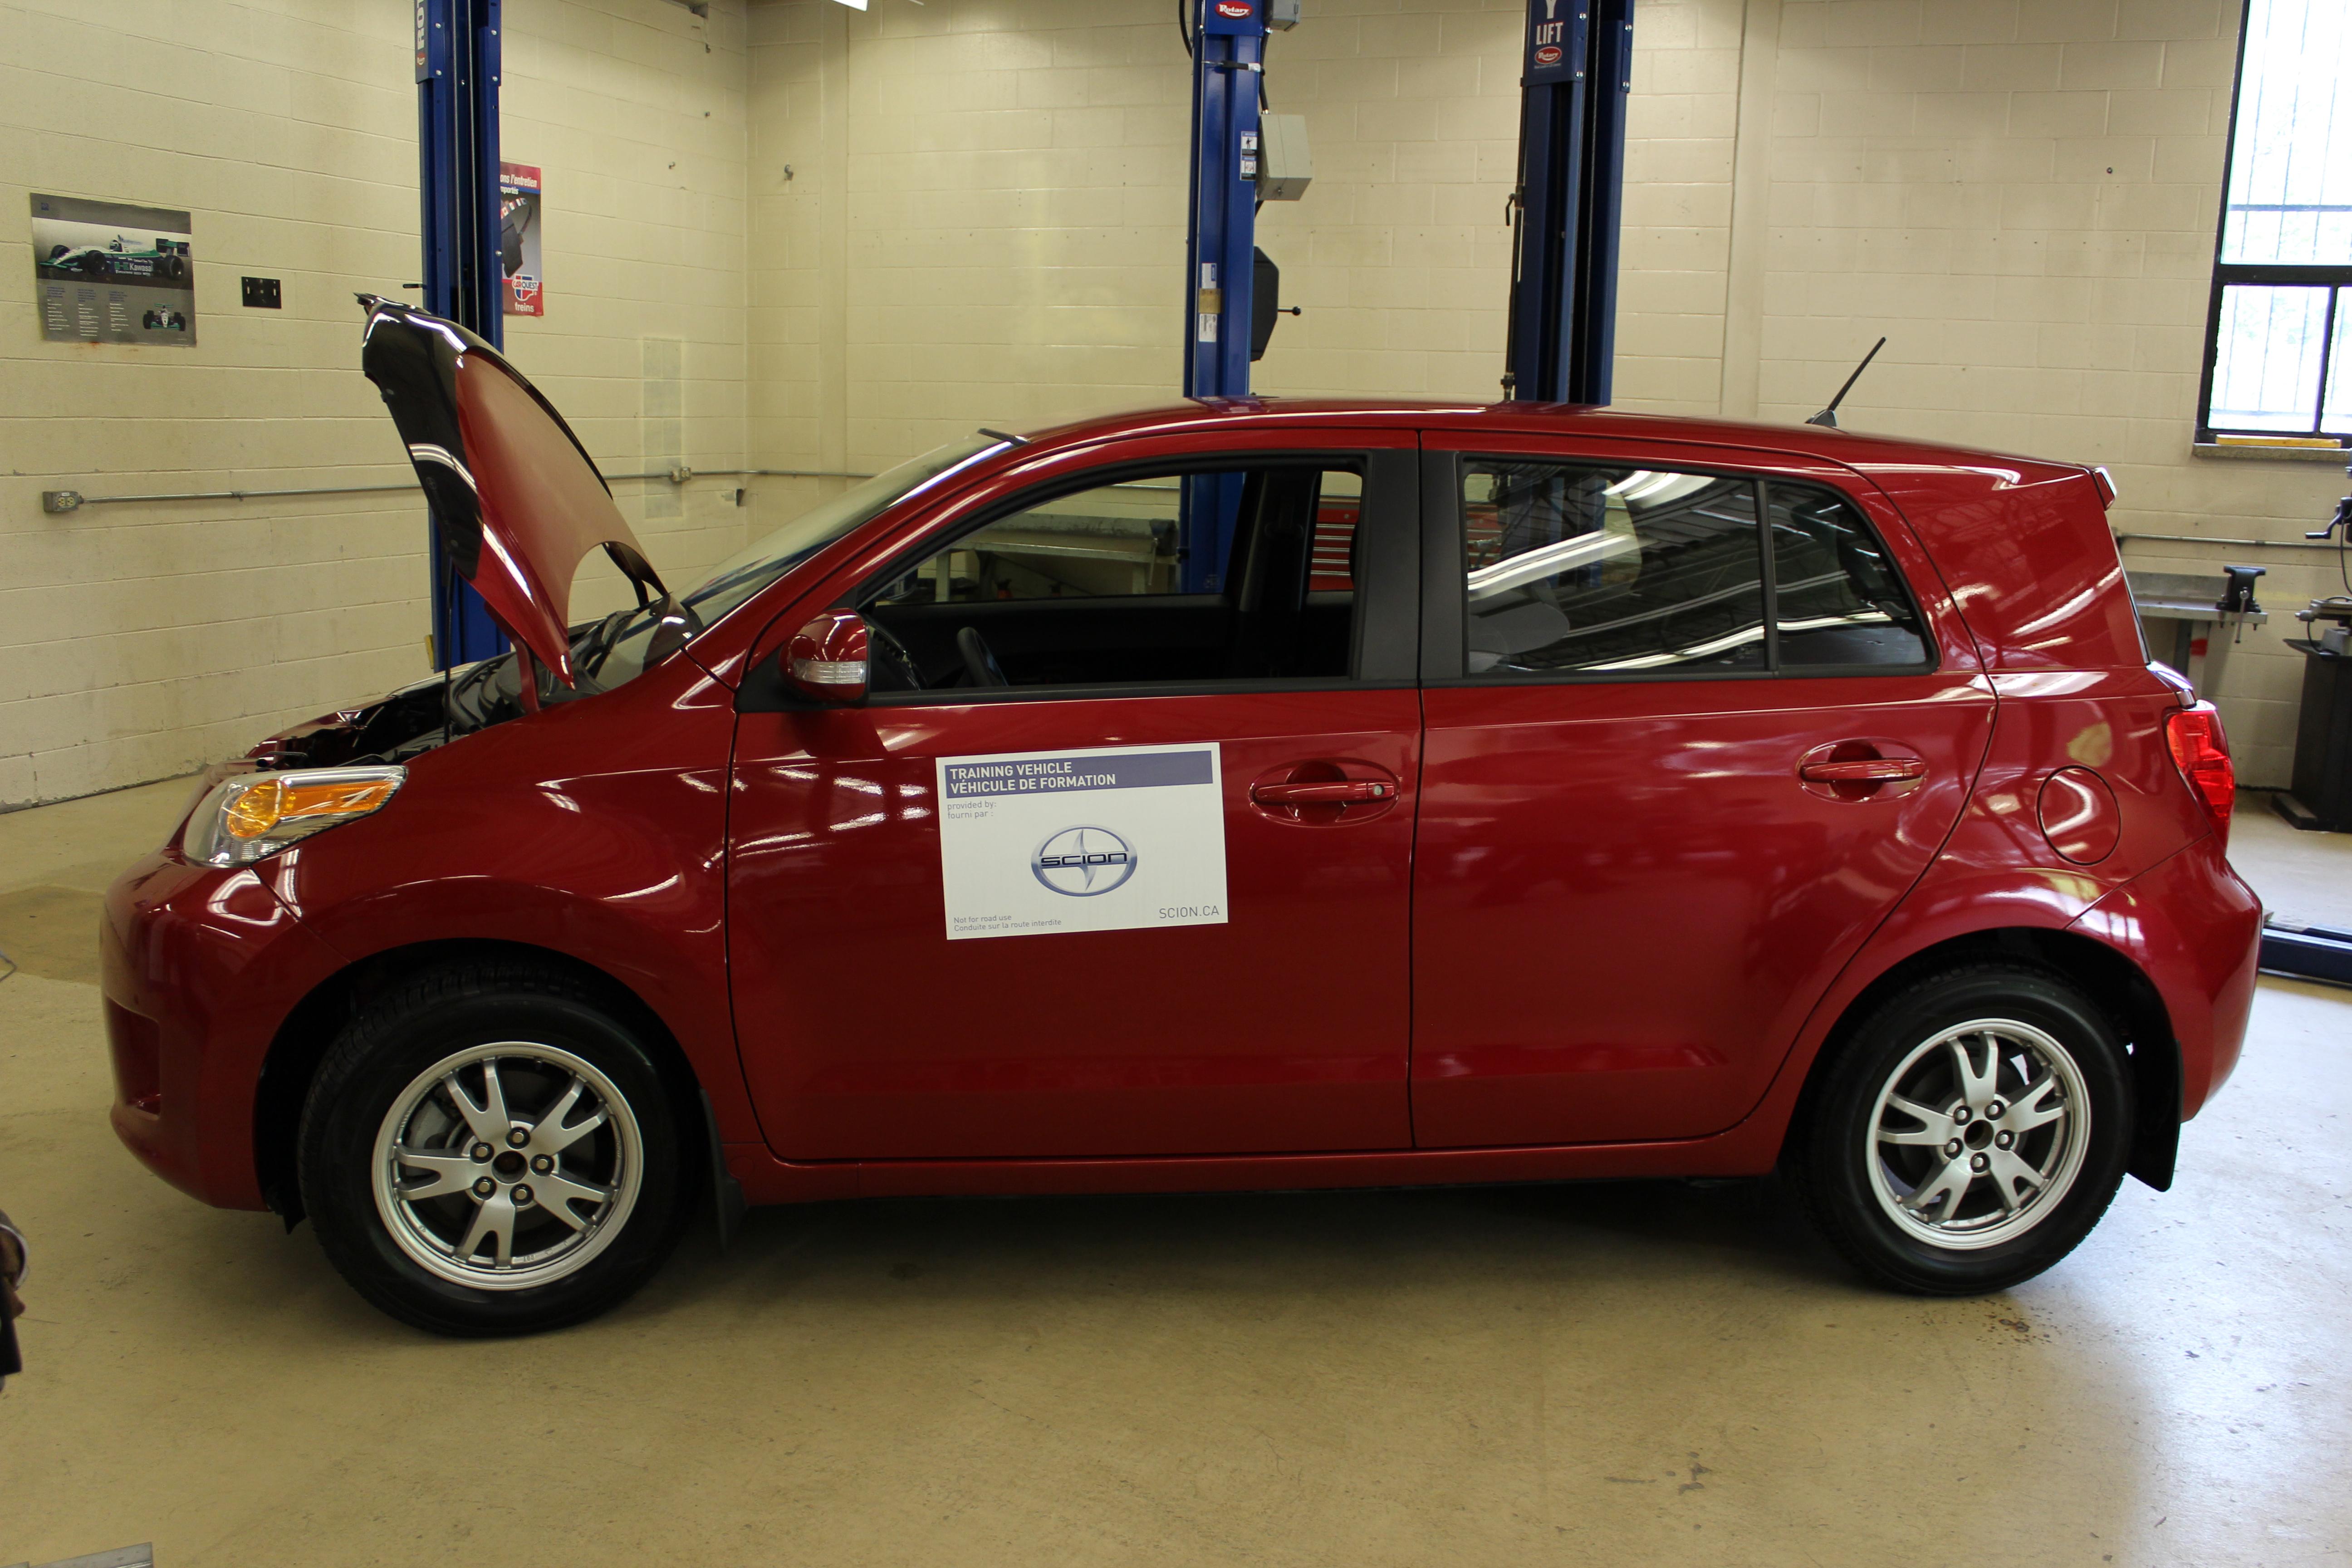 Toyota Canada et Estrie Toyota, partenaires du CRIF à Val-des-Cerfs